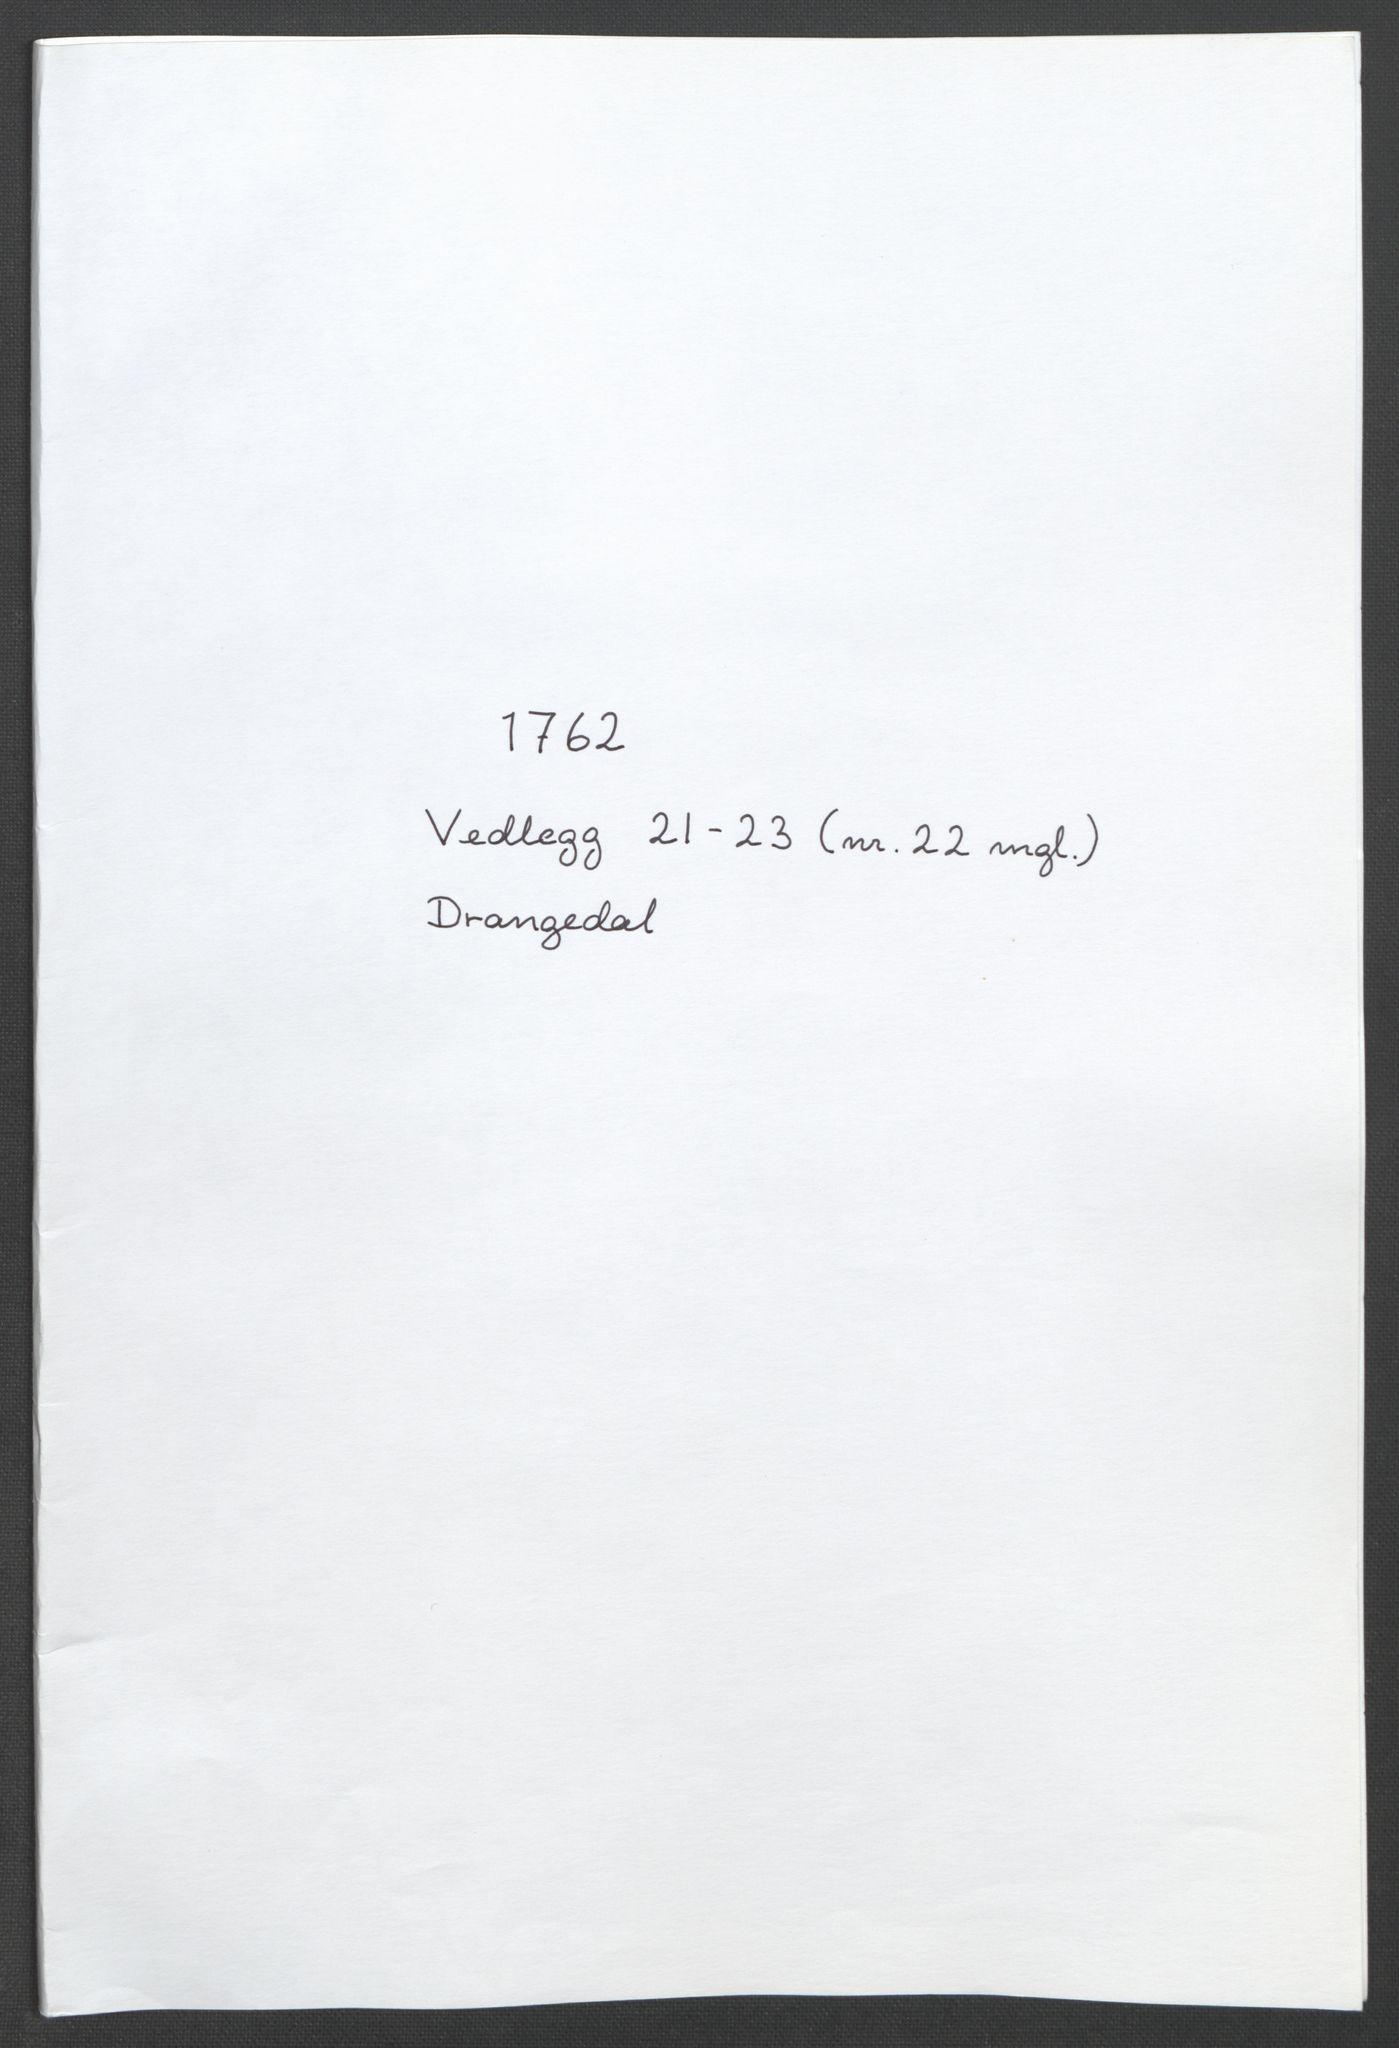 RA, Rentekammeret inntil 1814, Reviderte regnskaper, Fogderegnskap, R37/L2239: Ekstraskatten Nedre Telemark og Bamble, 1762-1763, s. 181